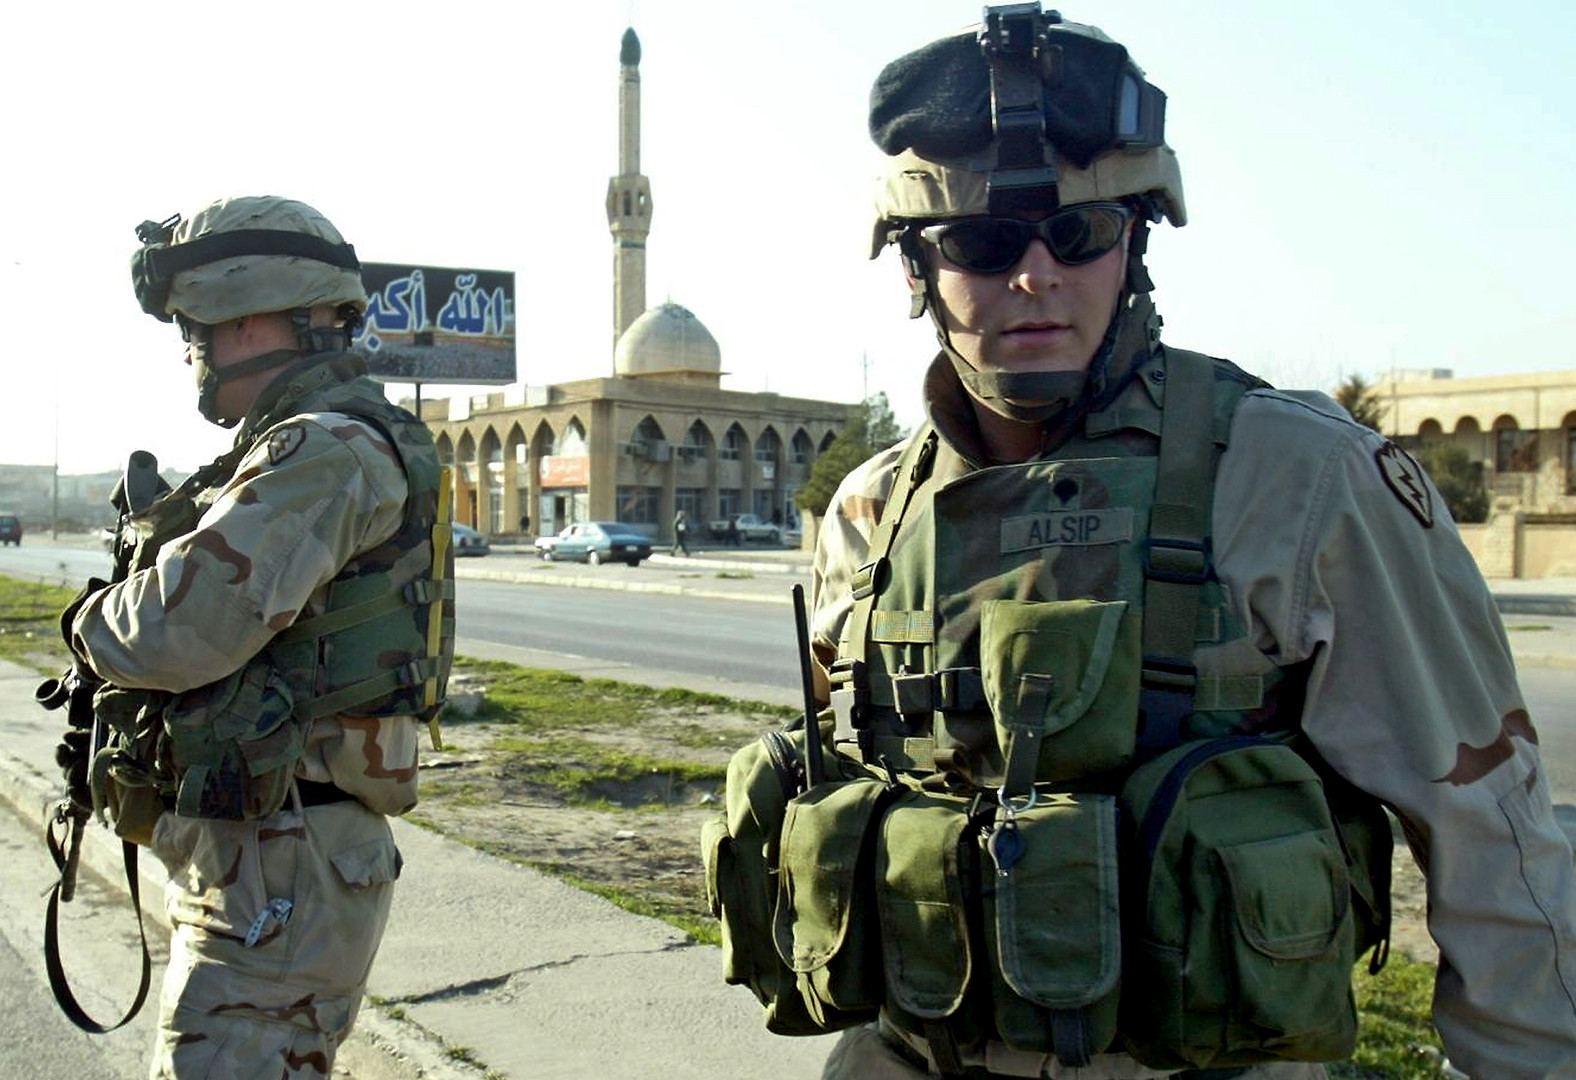 الولايات المتحدة وعلاقة الإرهاب بالتاريخ